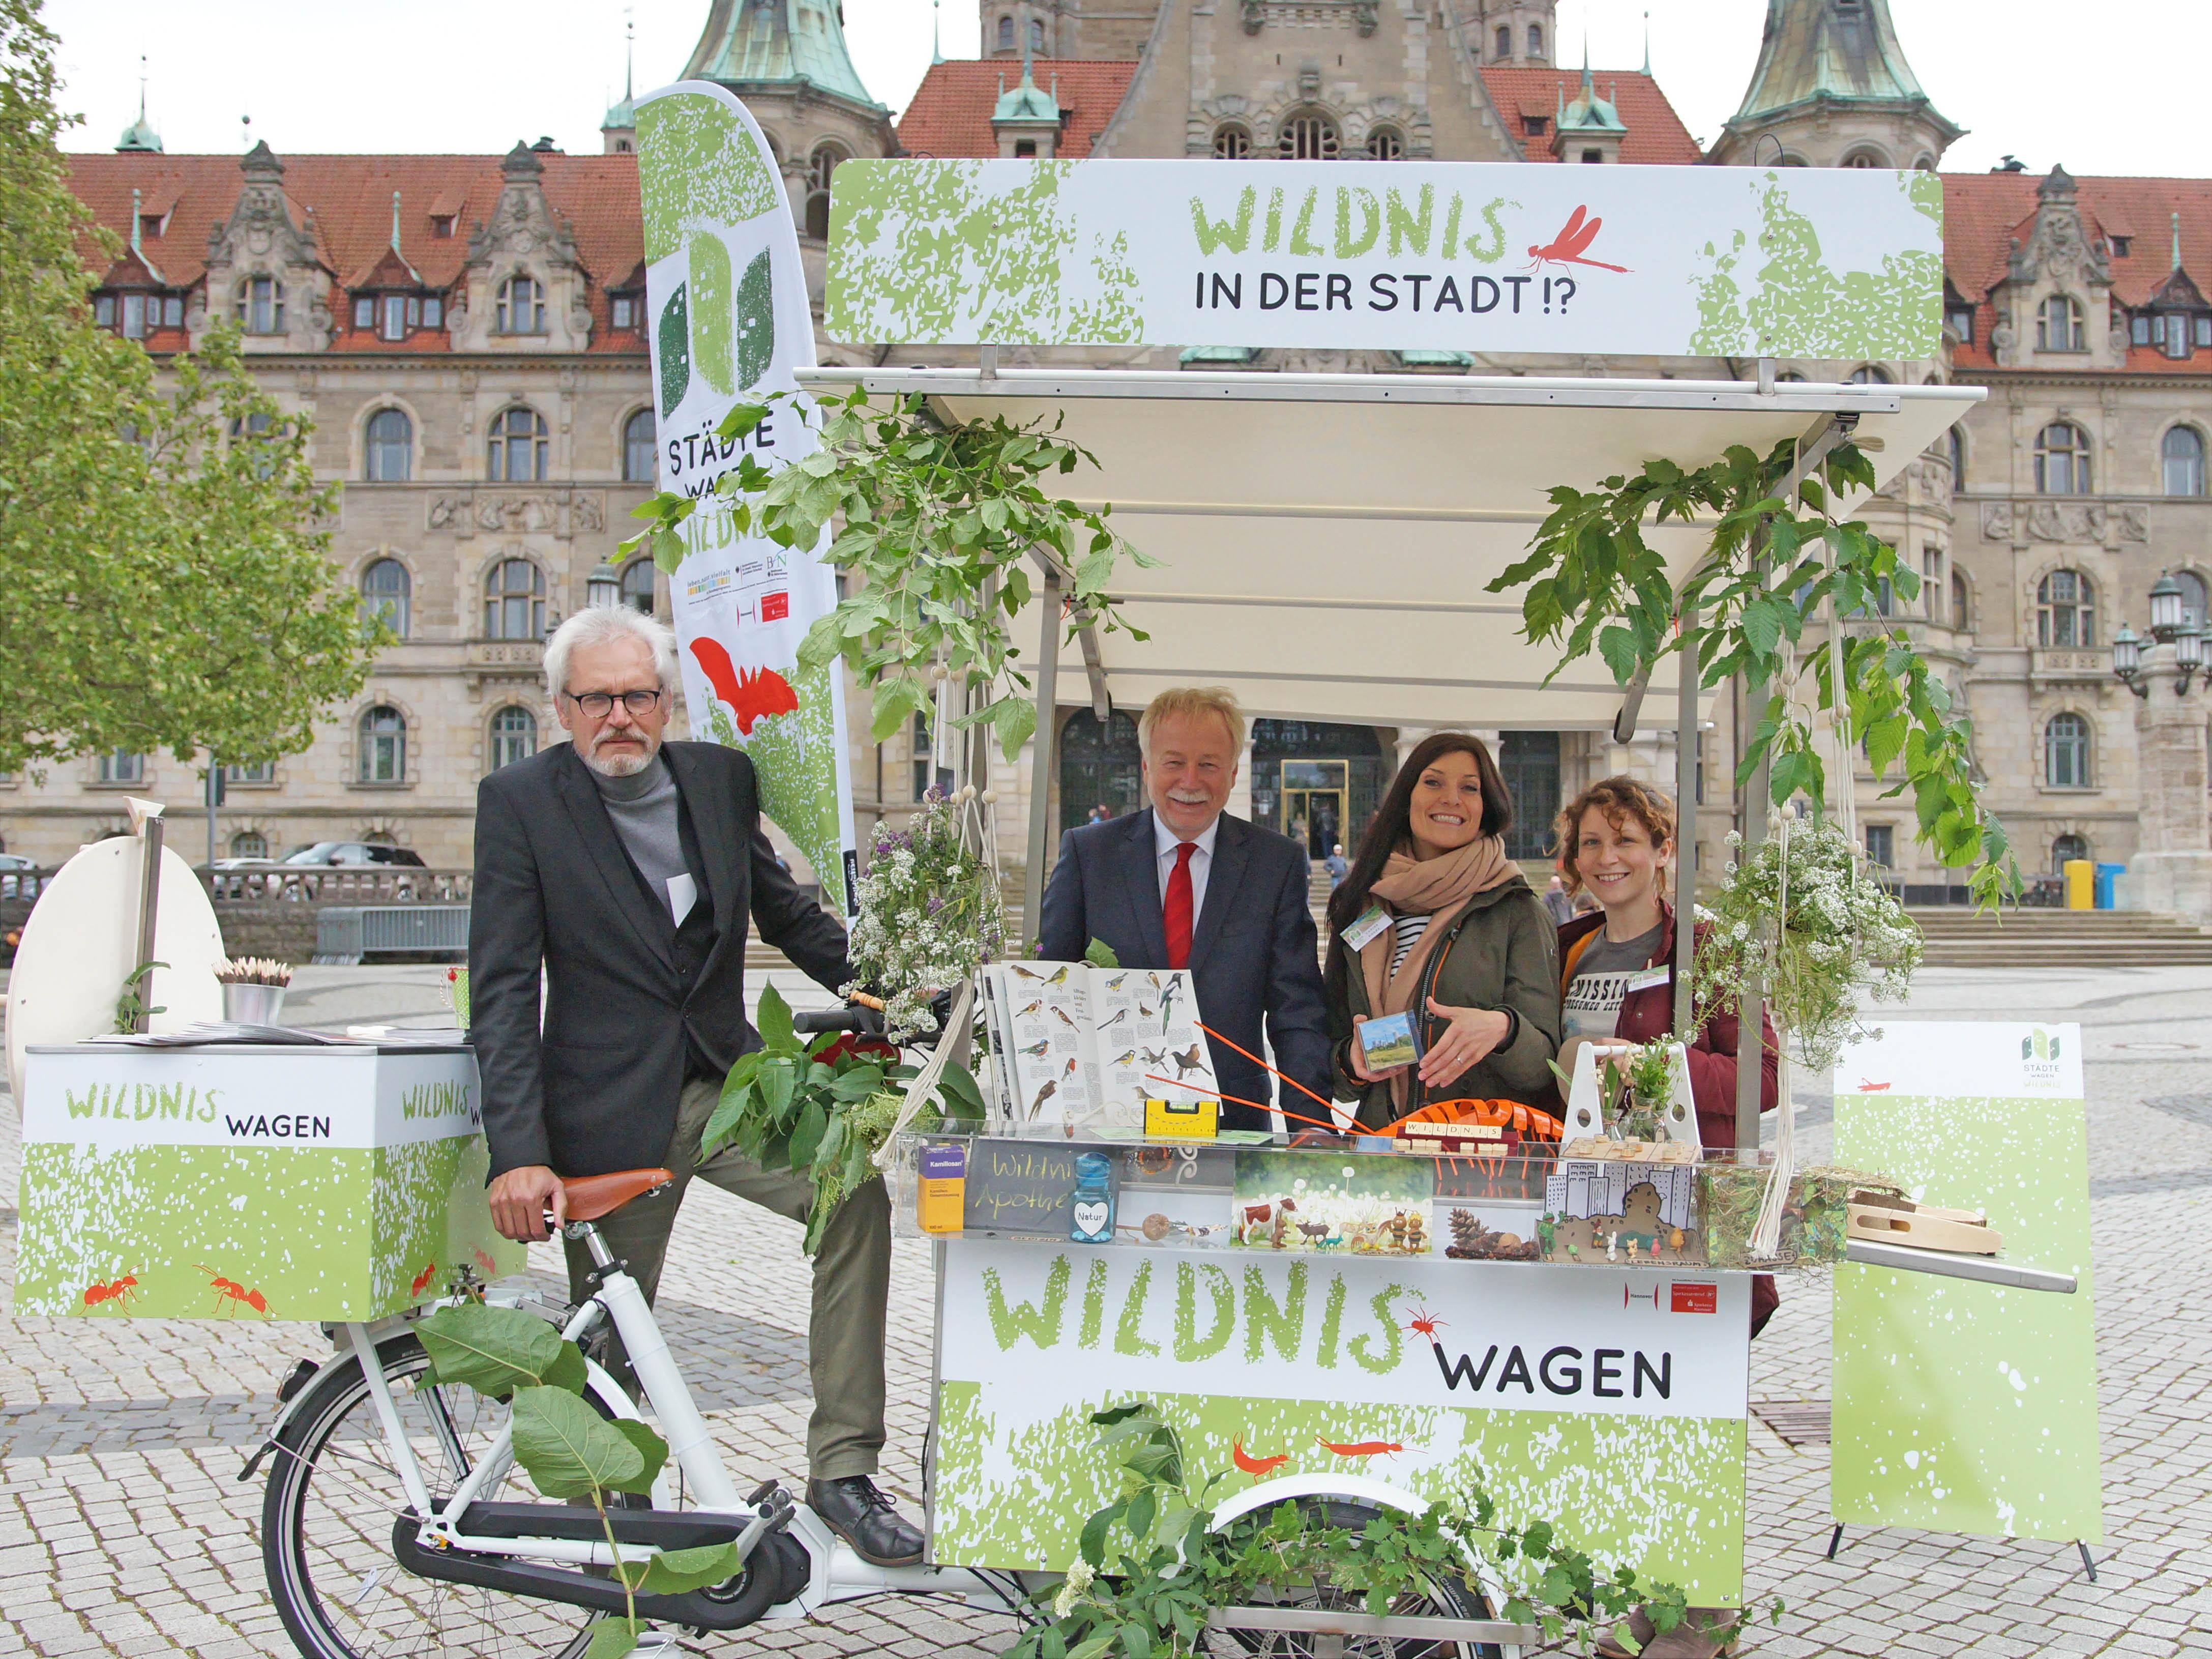 Zwei Männer und zwei Frauen vor und hinter einem pflanzenverzierten Lastenrad.